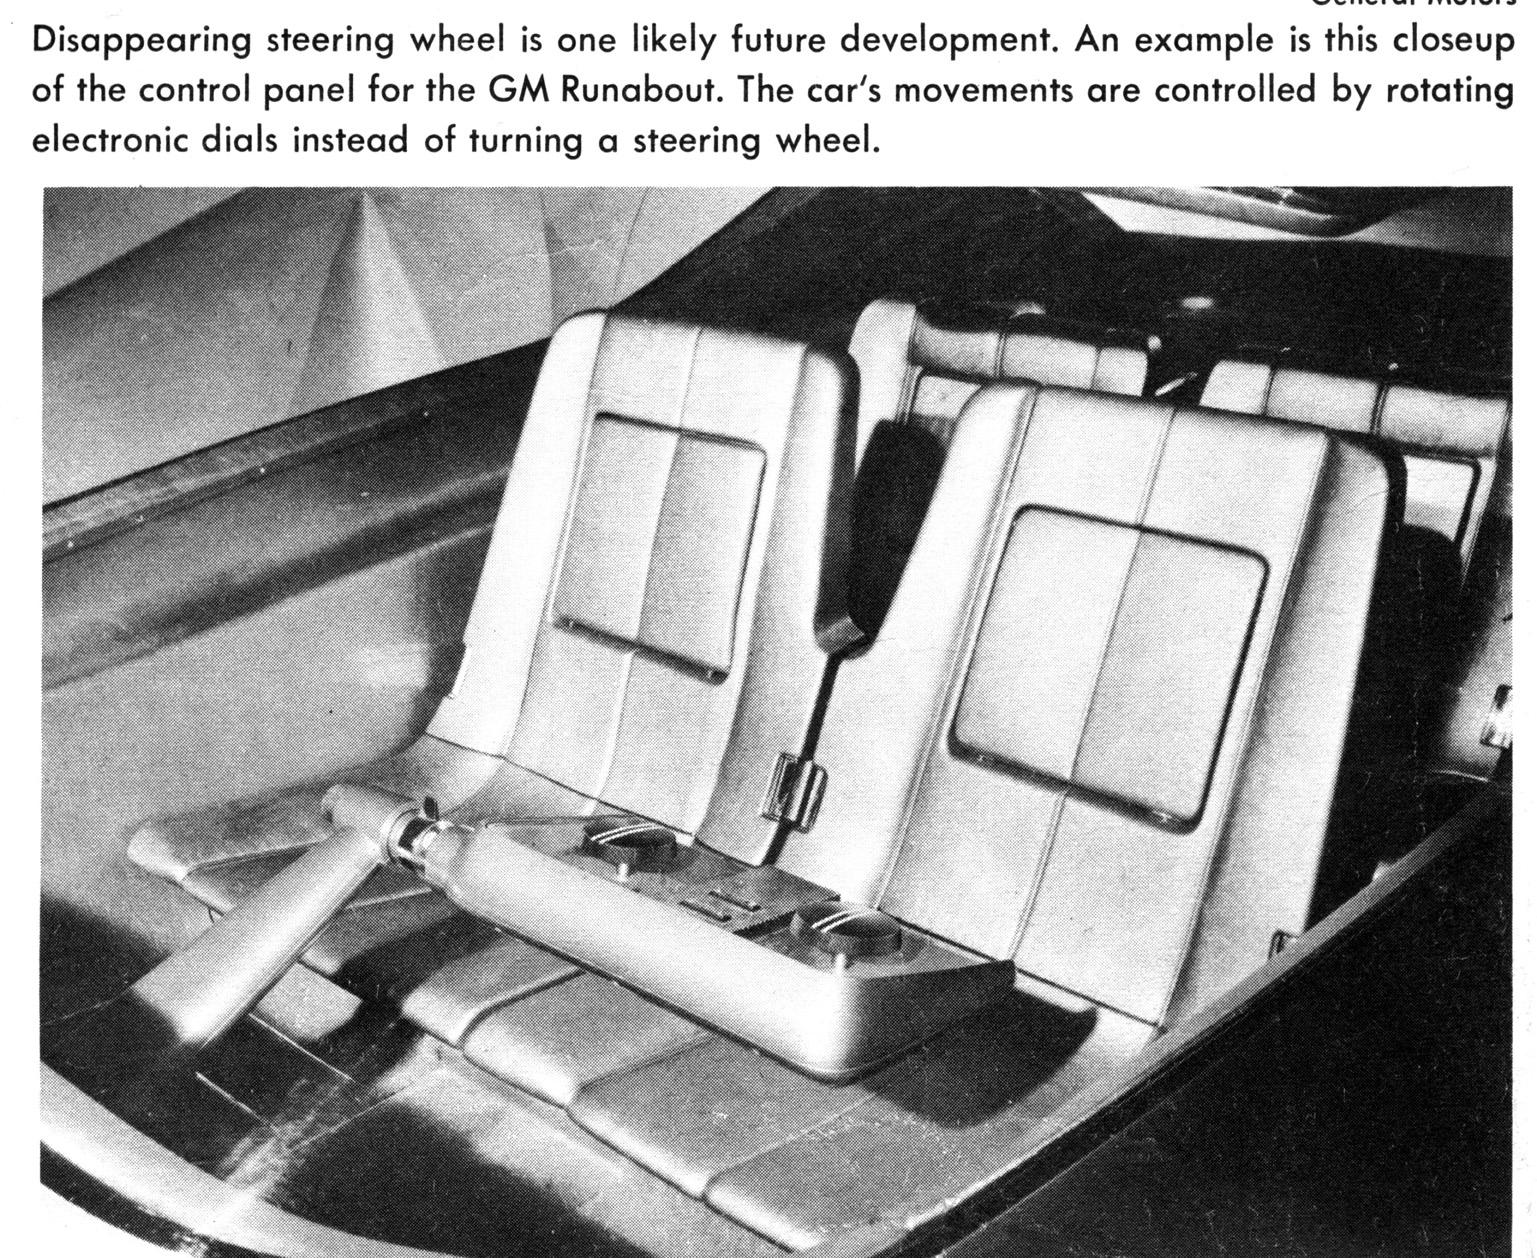 1964_GM_Runabout_Interior_01.jpg